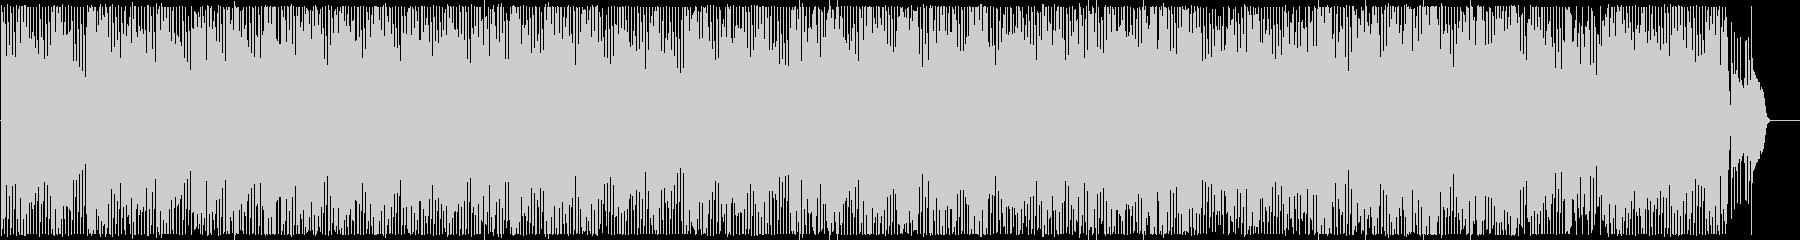 可憐でキャッチ―なアップテンポポップスの未再生の波形